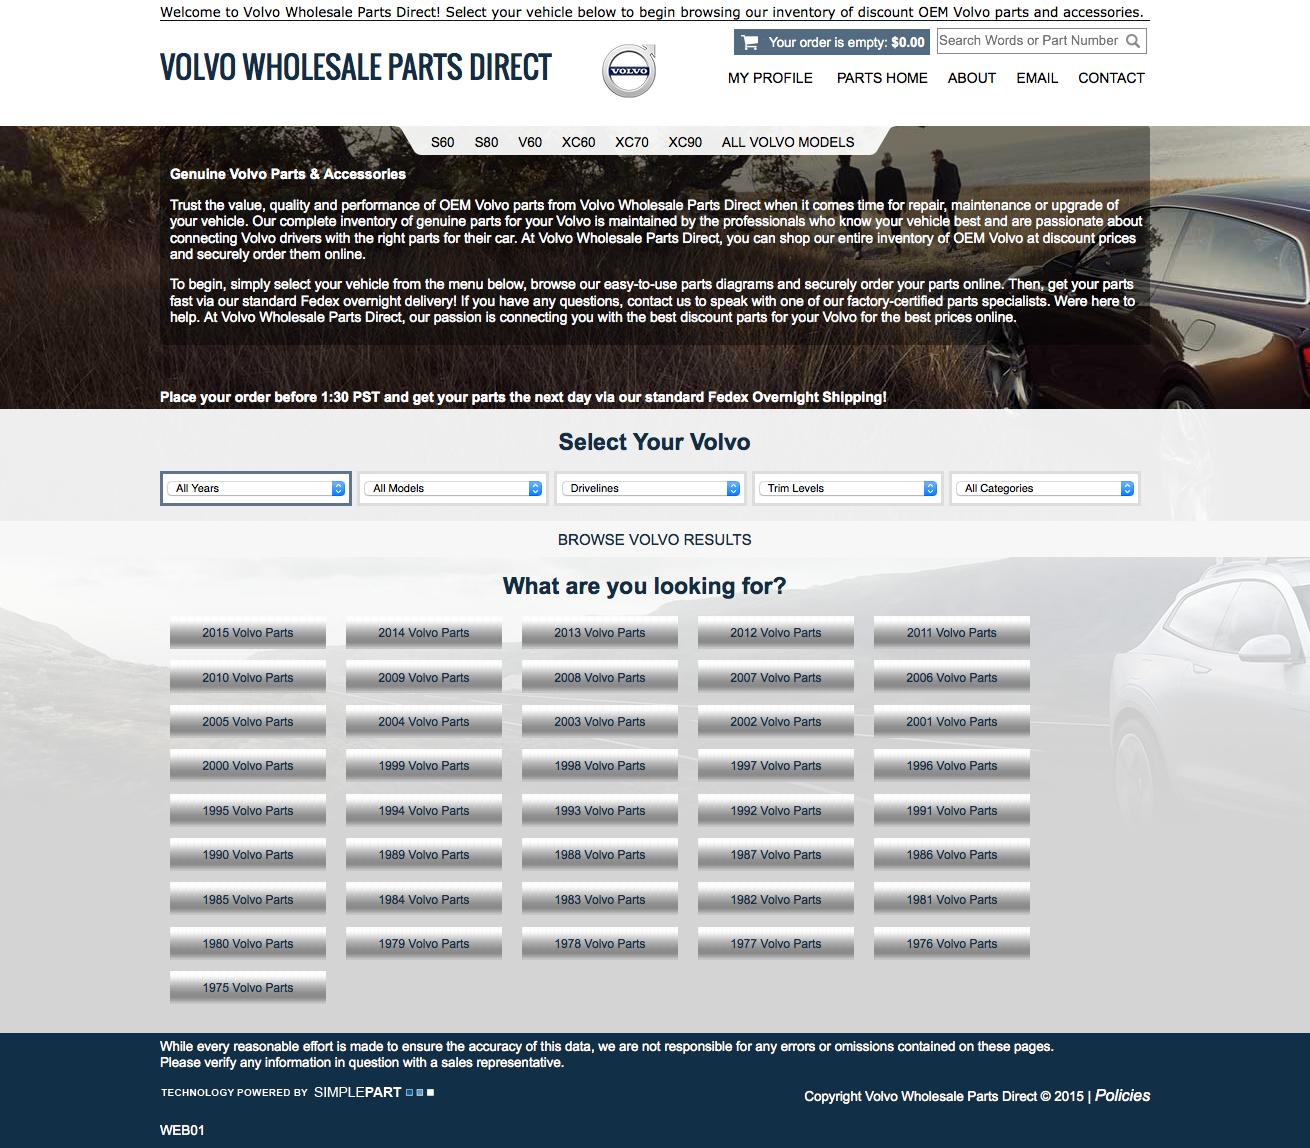 Volvo Wholesale